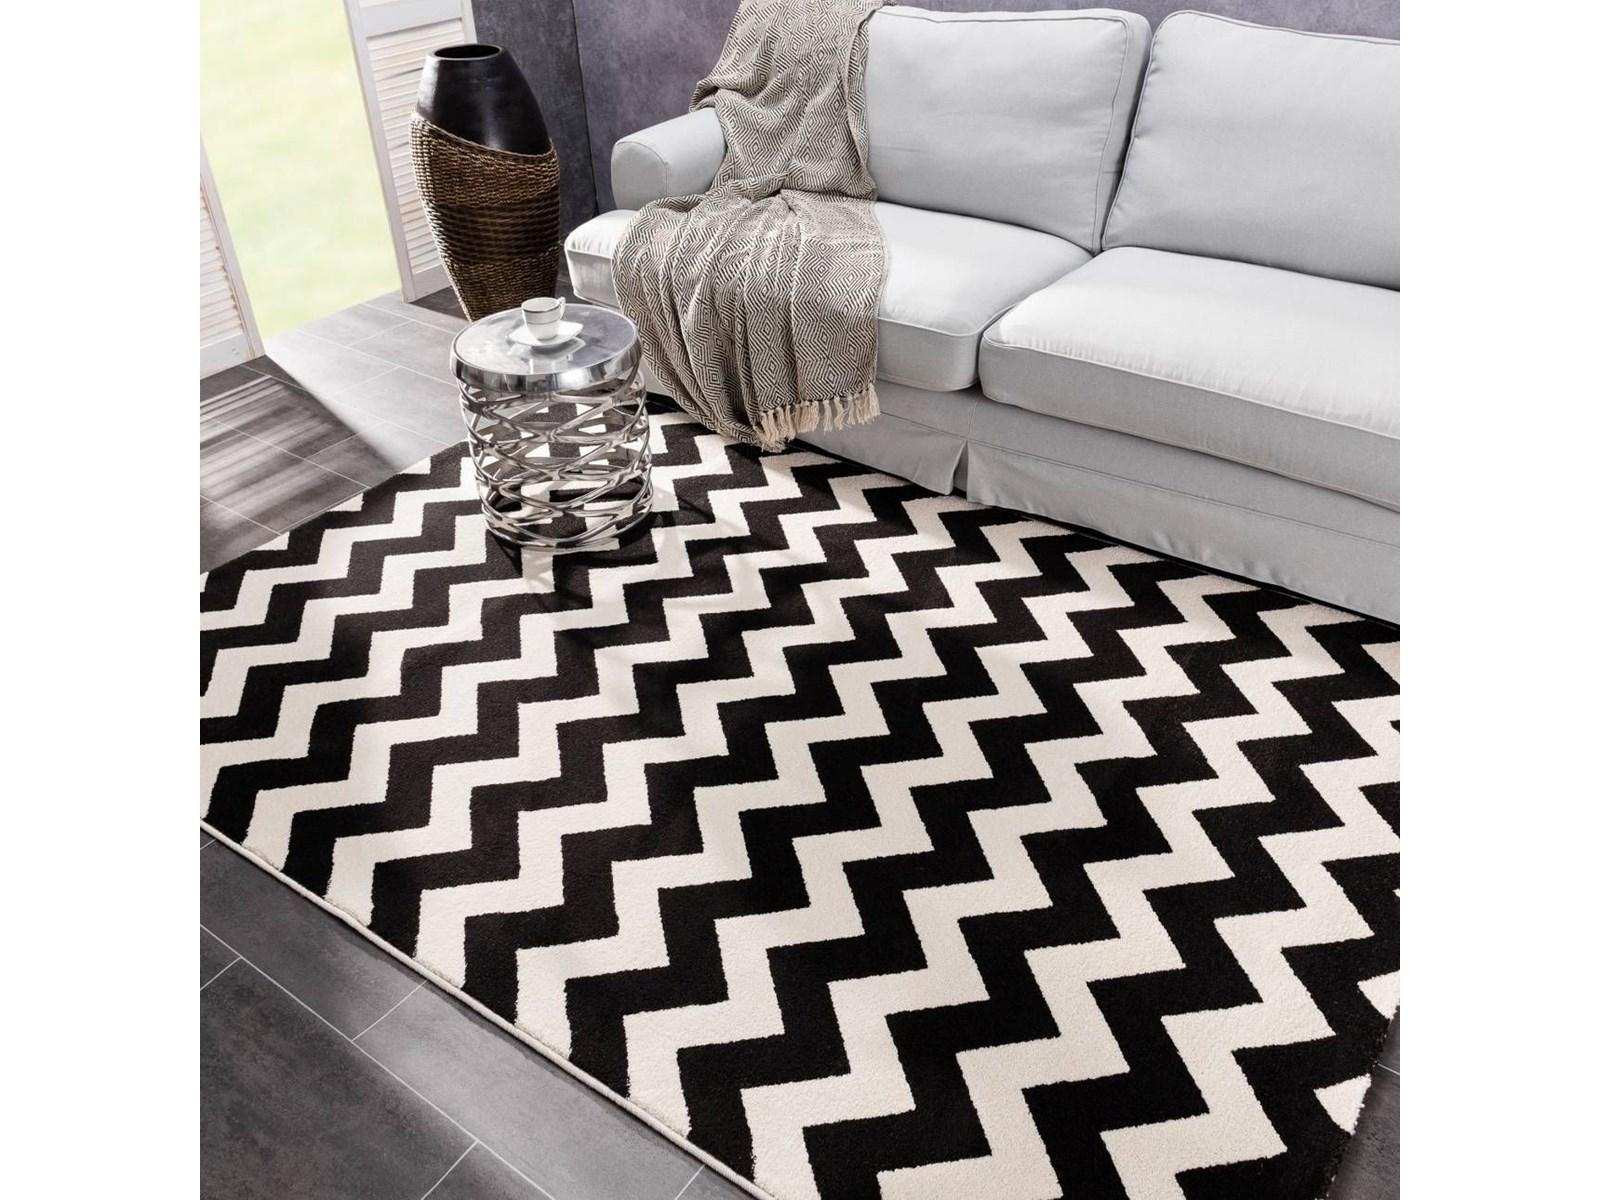 Dekoria dywan modern zygzak black paper white 160x230cm 160 x 230 cm dywany zdjęcia pomysły inspiracje homebook